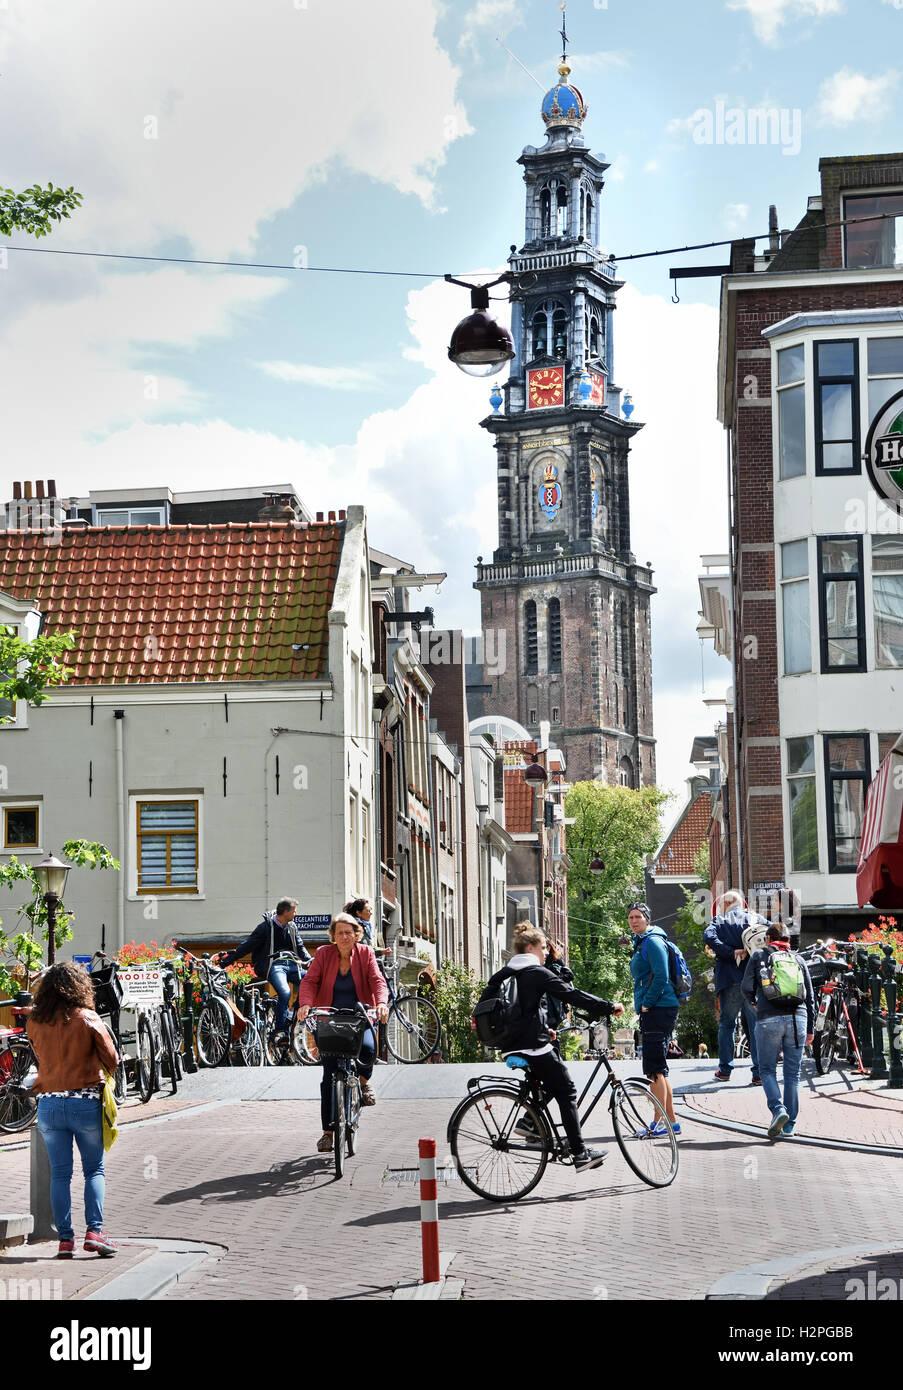 Eerste Leliedwarsstraat - Westerkerk Jordaan, Amsterdam, Países Bajos Imagen De Stock